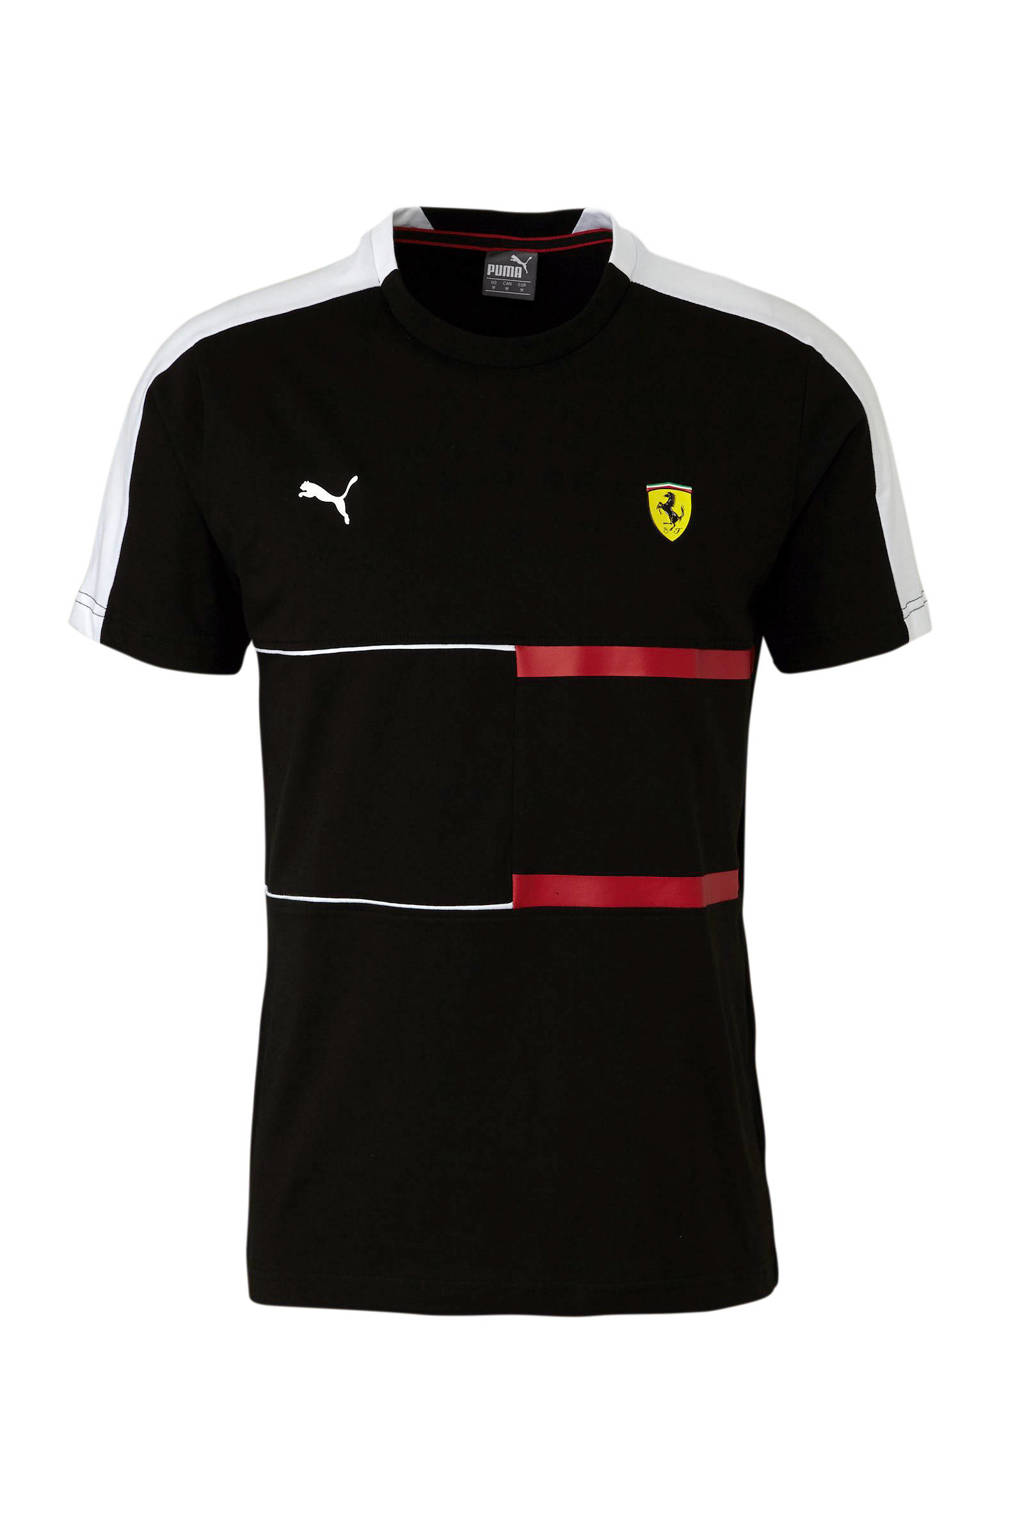 Puma   Ferrari T-shirt zwart, Zwart/rood/wit